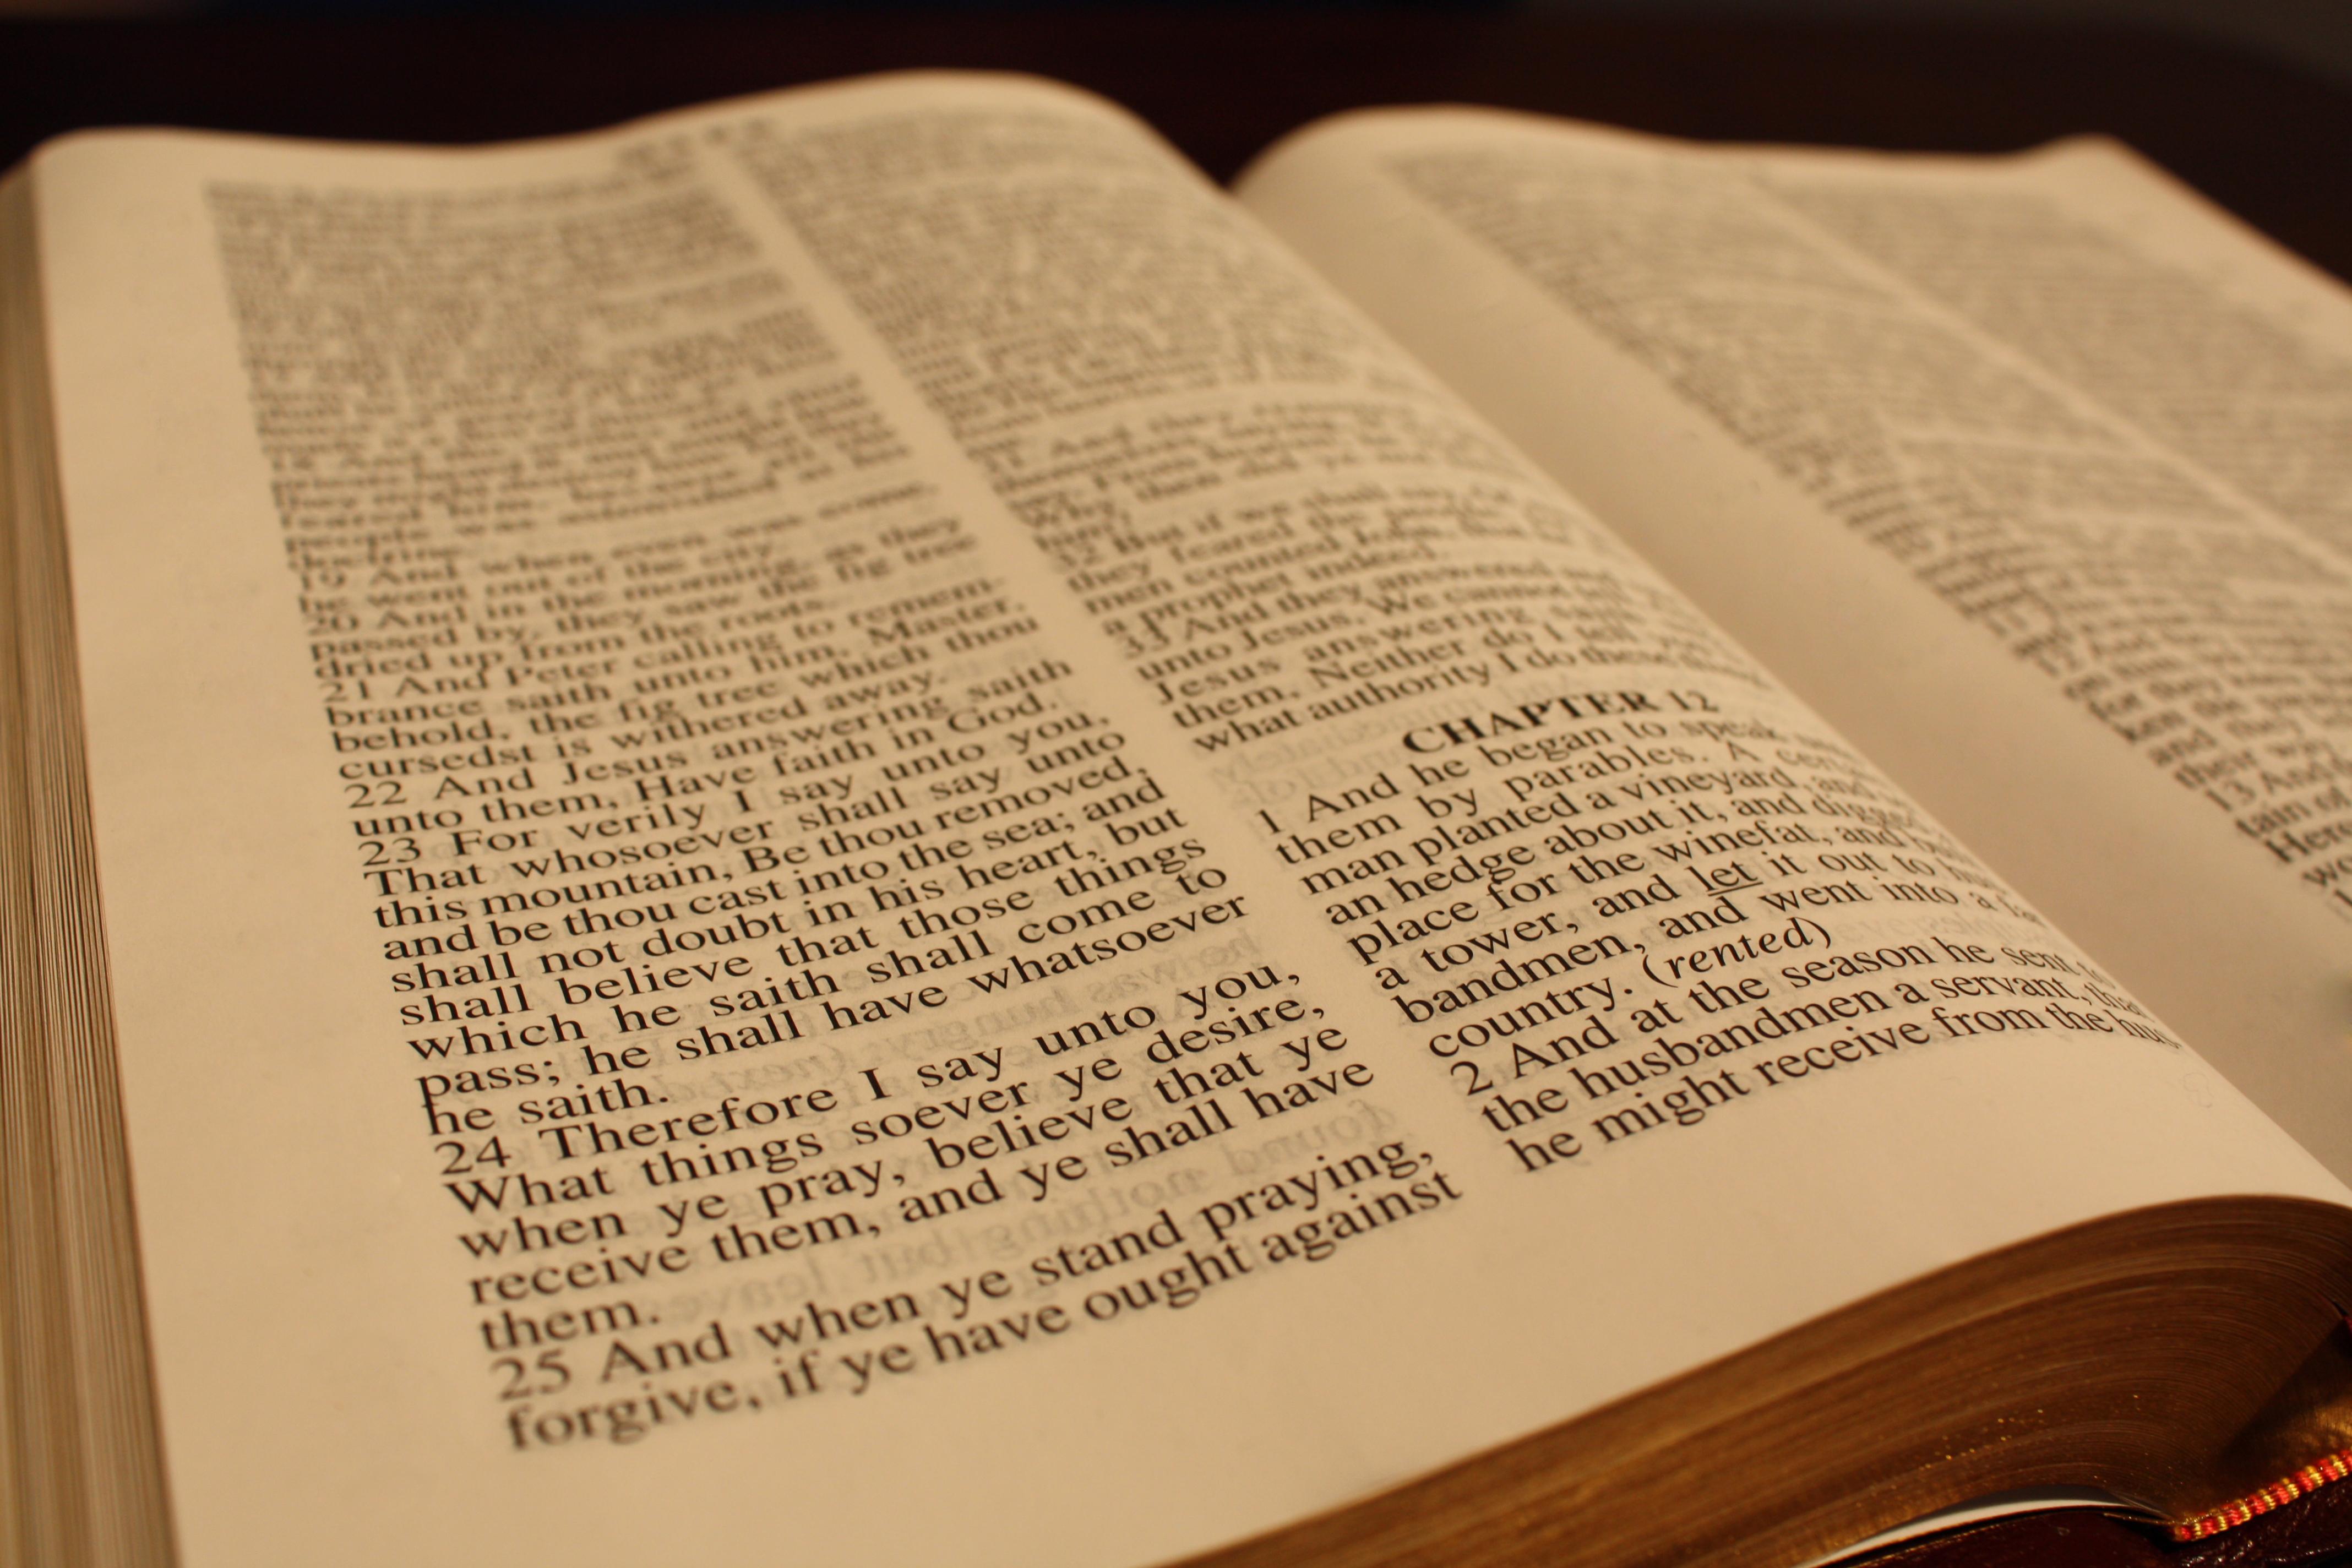 bible copy コストコで聖書を「フィクション」と分類して騒動に。背景に見える現代における聖書の位置づけ。